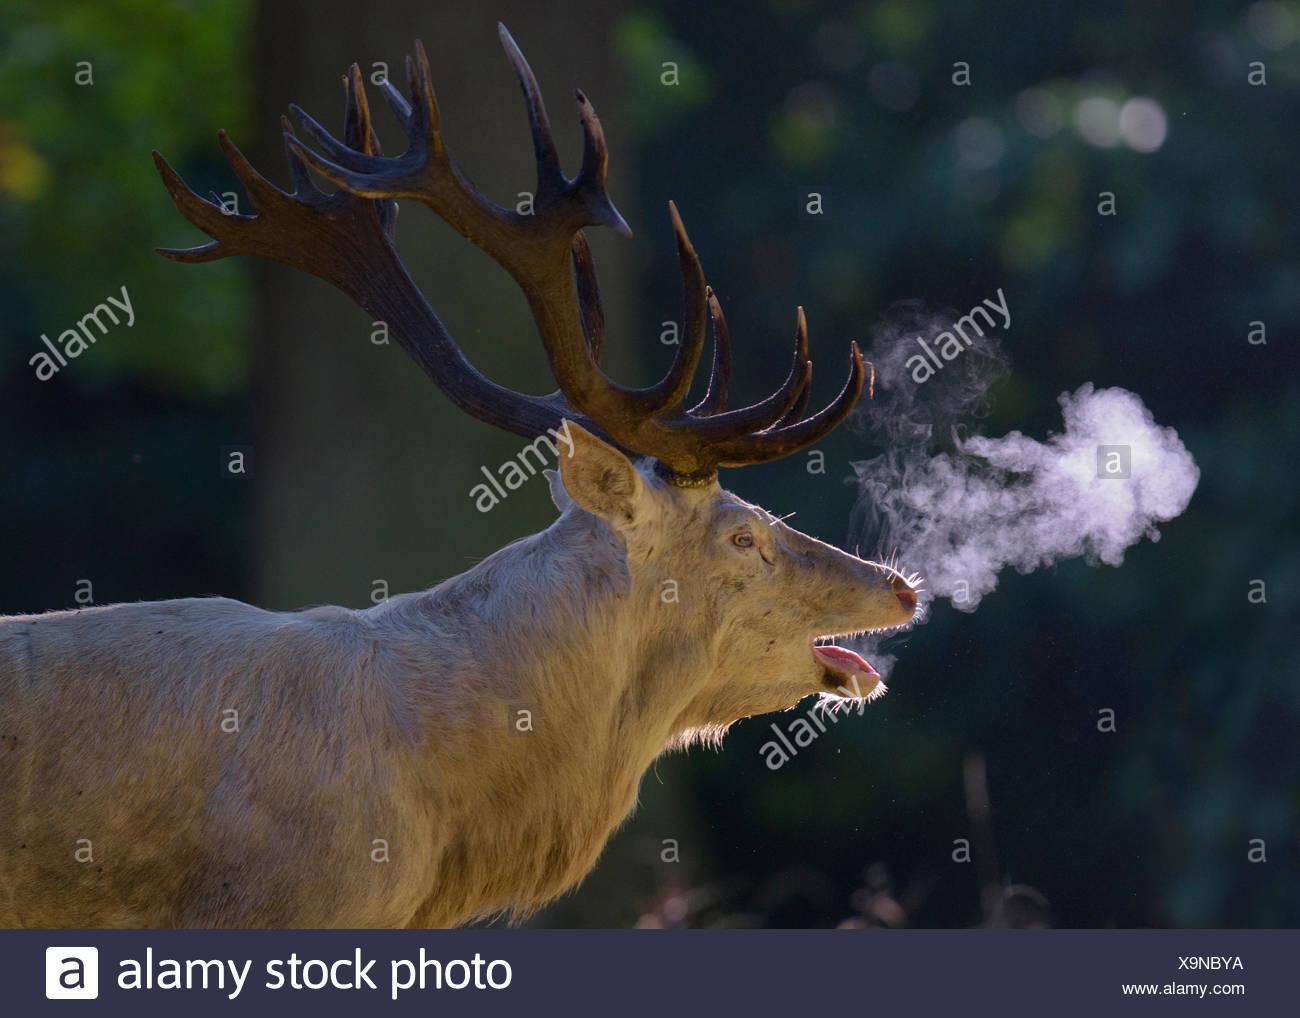 Red Deer (Cervus elaphus), l'orniérage stag, forme blanche, belling, rétroéclairé, souffle la condensation, la Nouvelle-Zélande, le Danemark Photo Stock